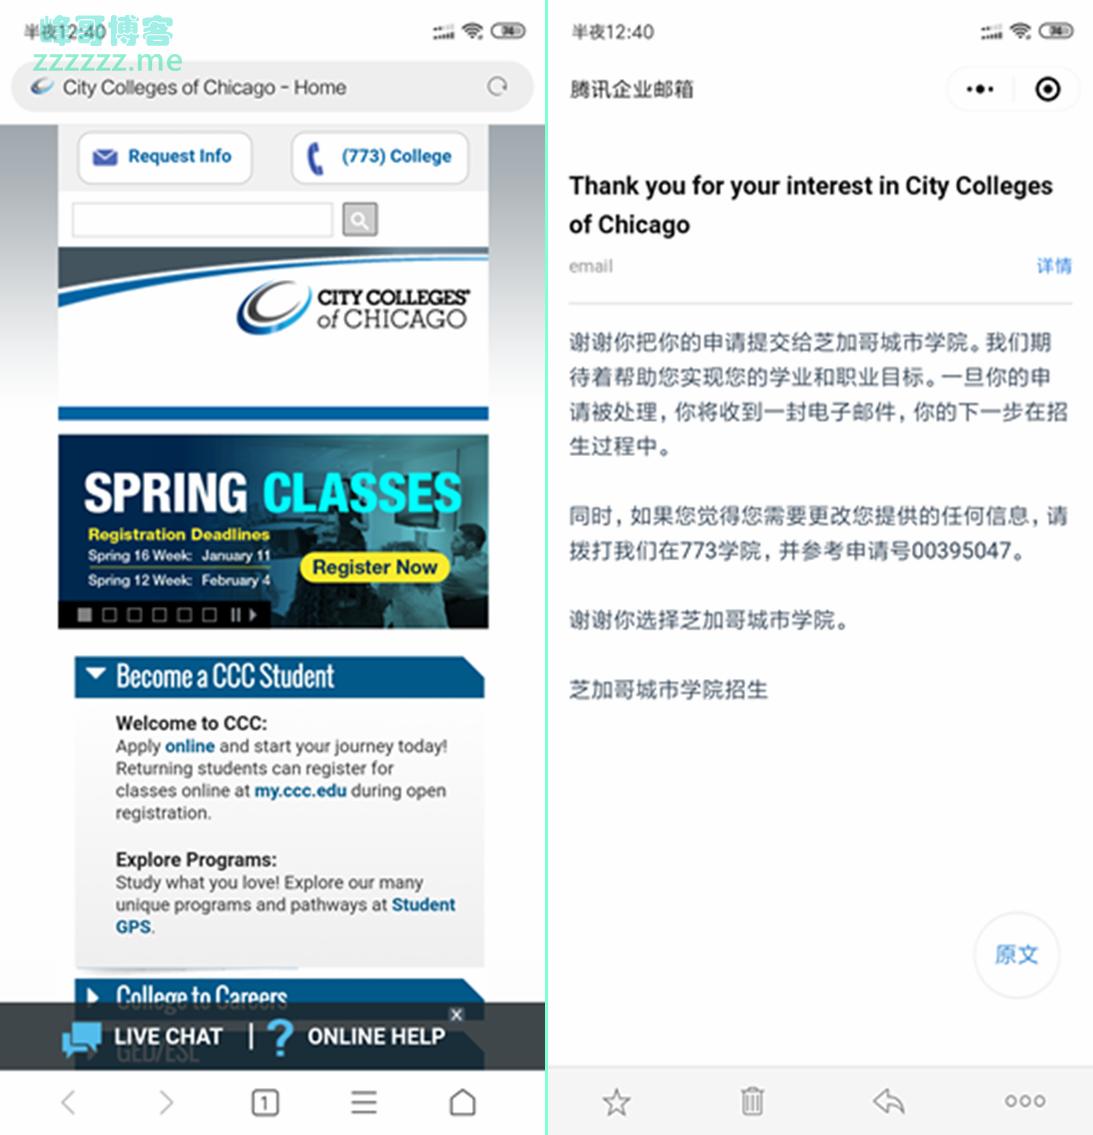 免费快速注册教育网邮箱 100%成功 直接送office365和1TBOneDrive